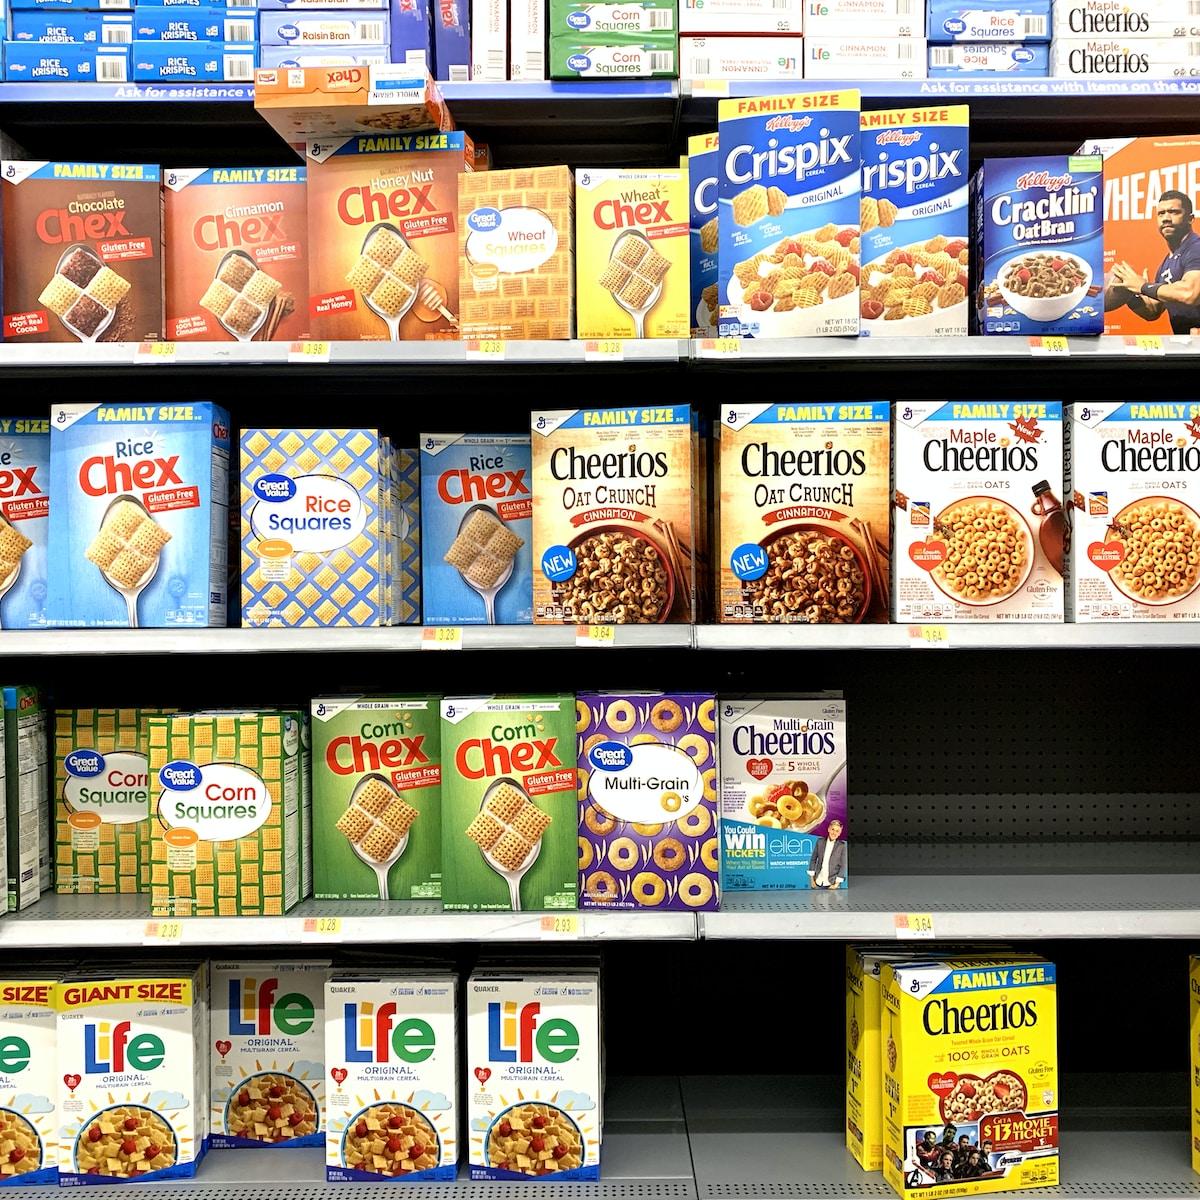 lista de aditivos alimentarios, origen de la quimiofobia